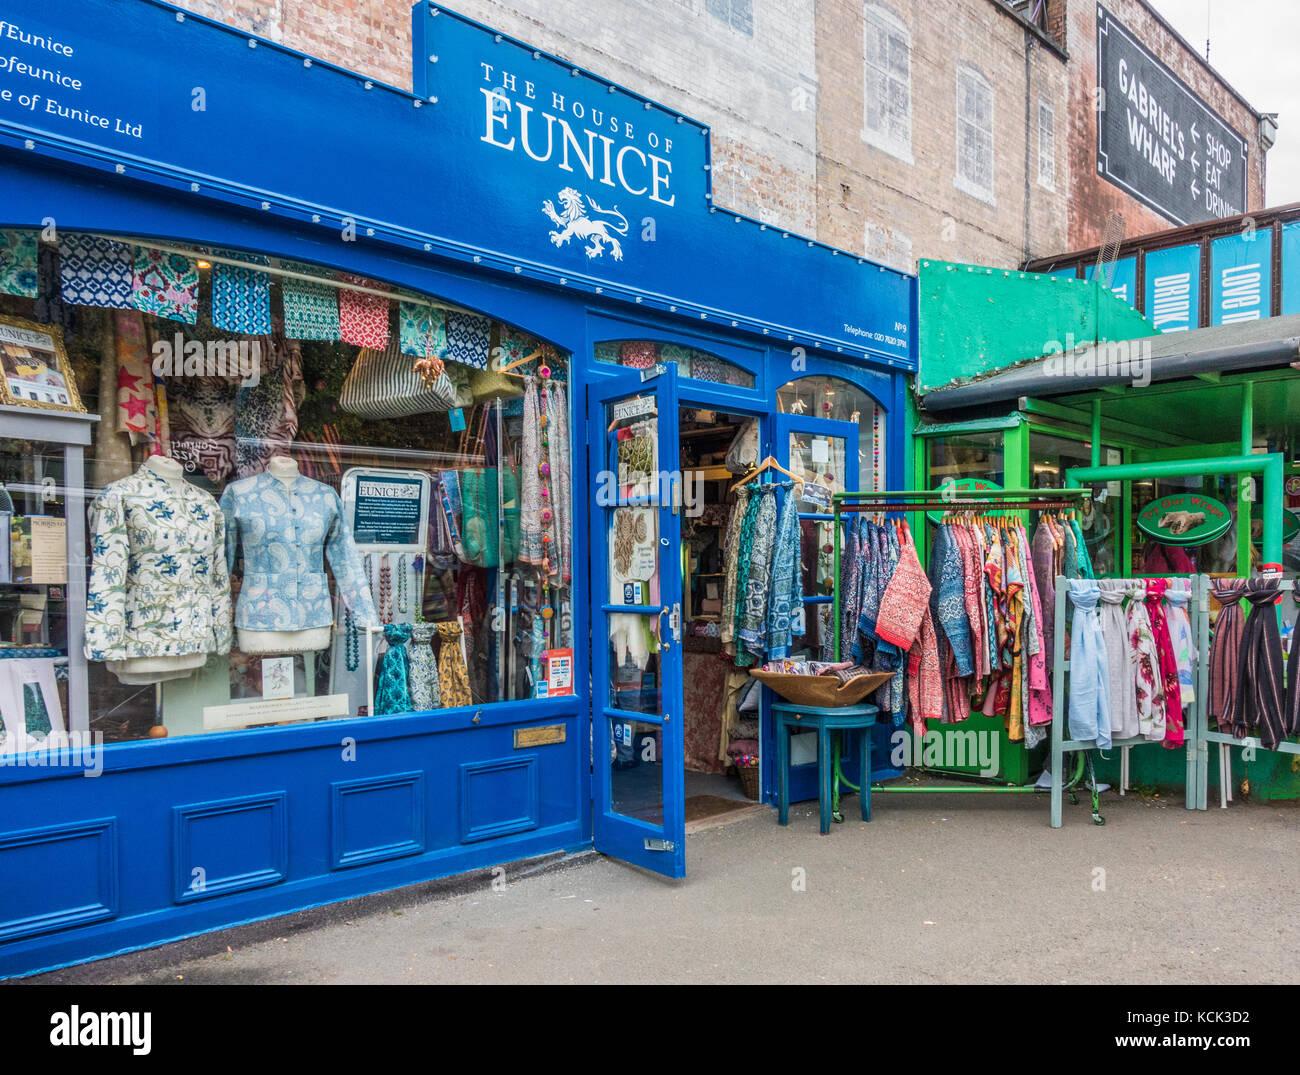 La casa di Eunice - un pittoresco, un commercio equo ed etico, tessuti eleganti, i prodotti tessili e di abbigliamento Immagini Stock